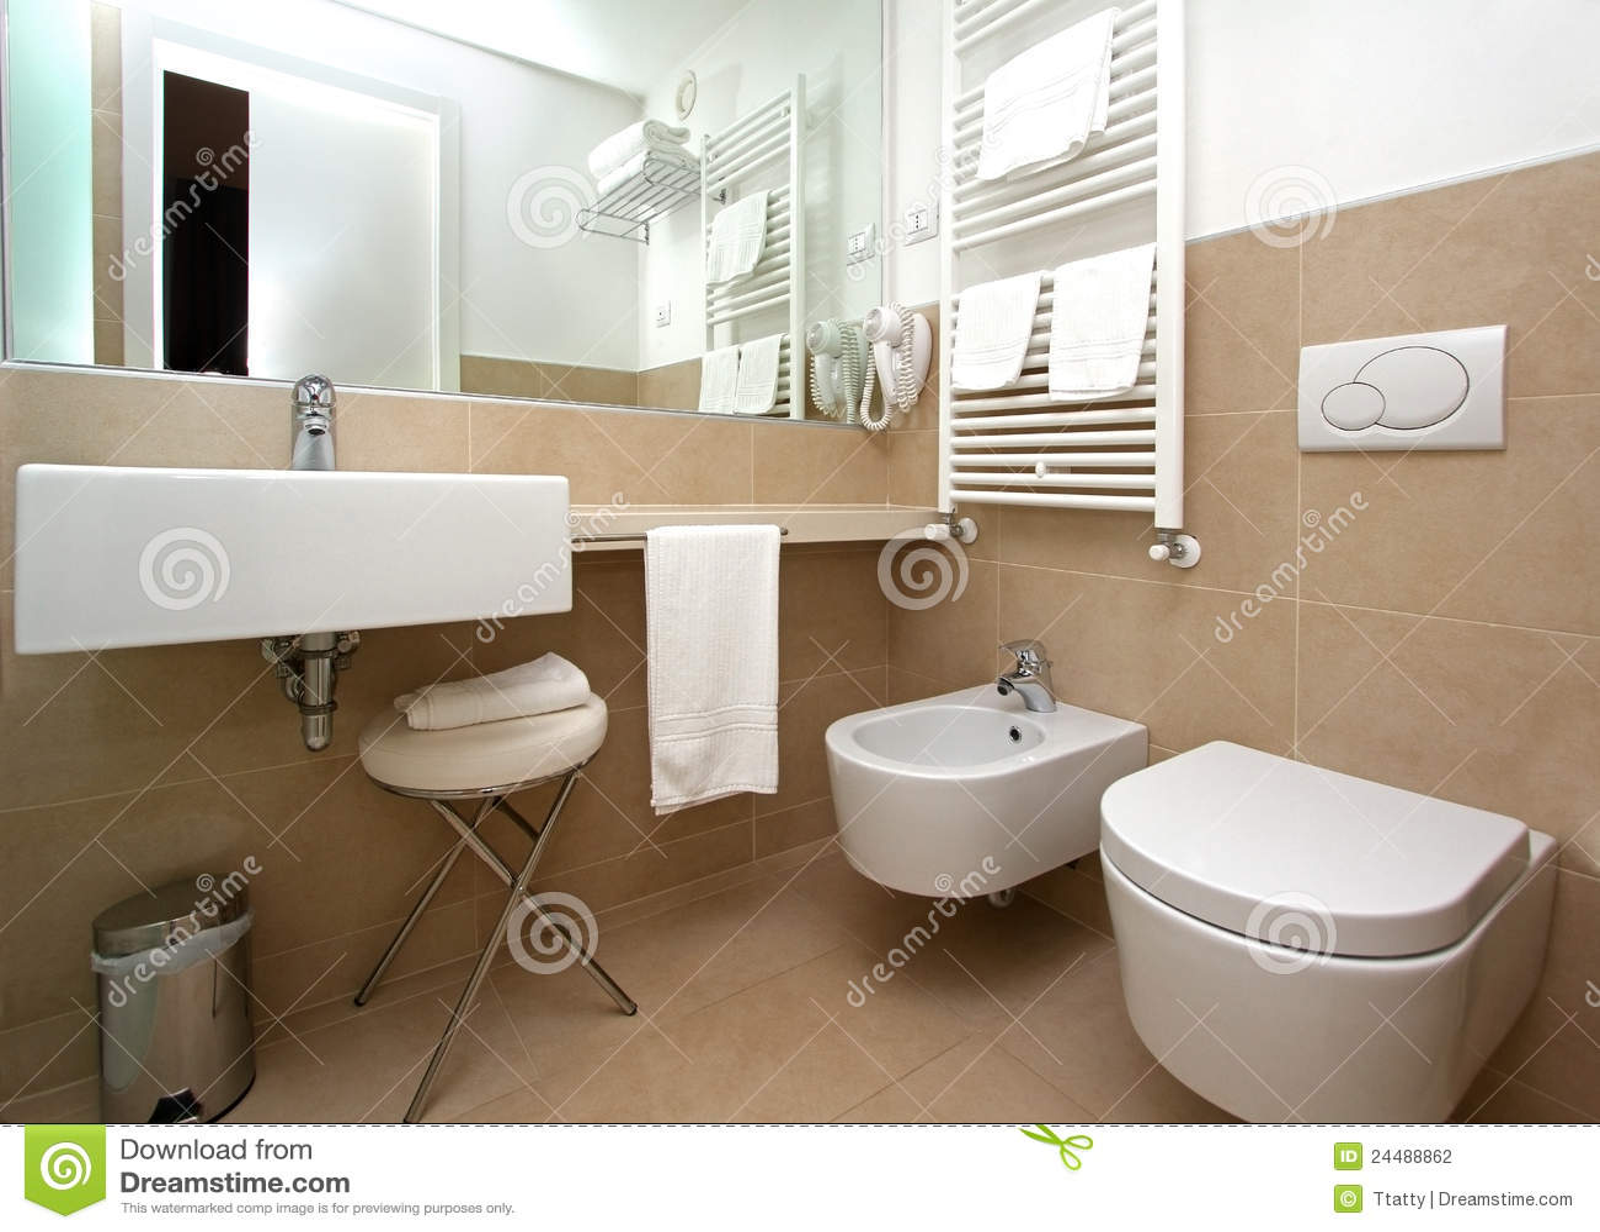 Banheiro Bege Moderno Fotografia de Stock Imagem: 24488862 #82A328 1300x1018 Banheiro Bege Moderno